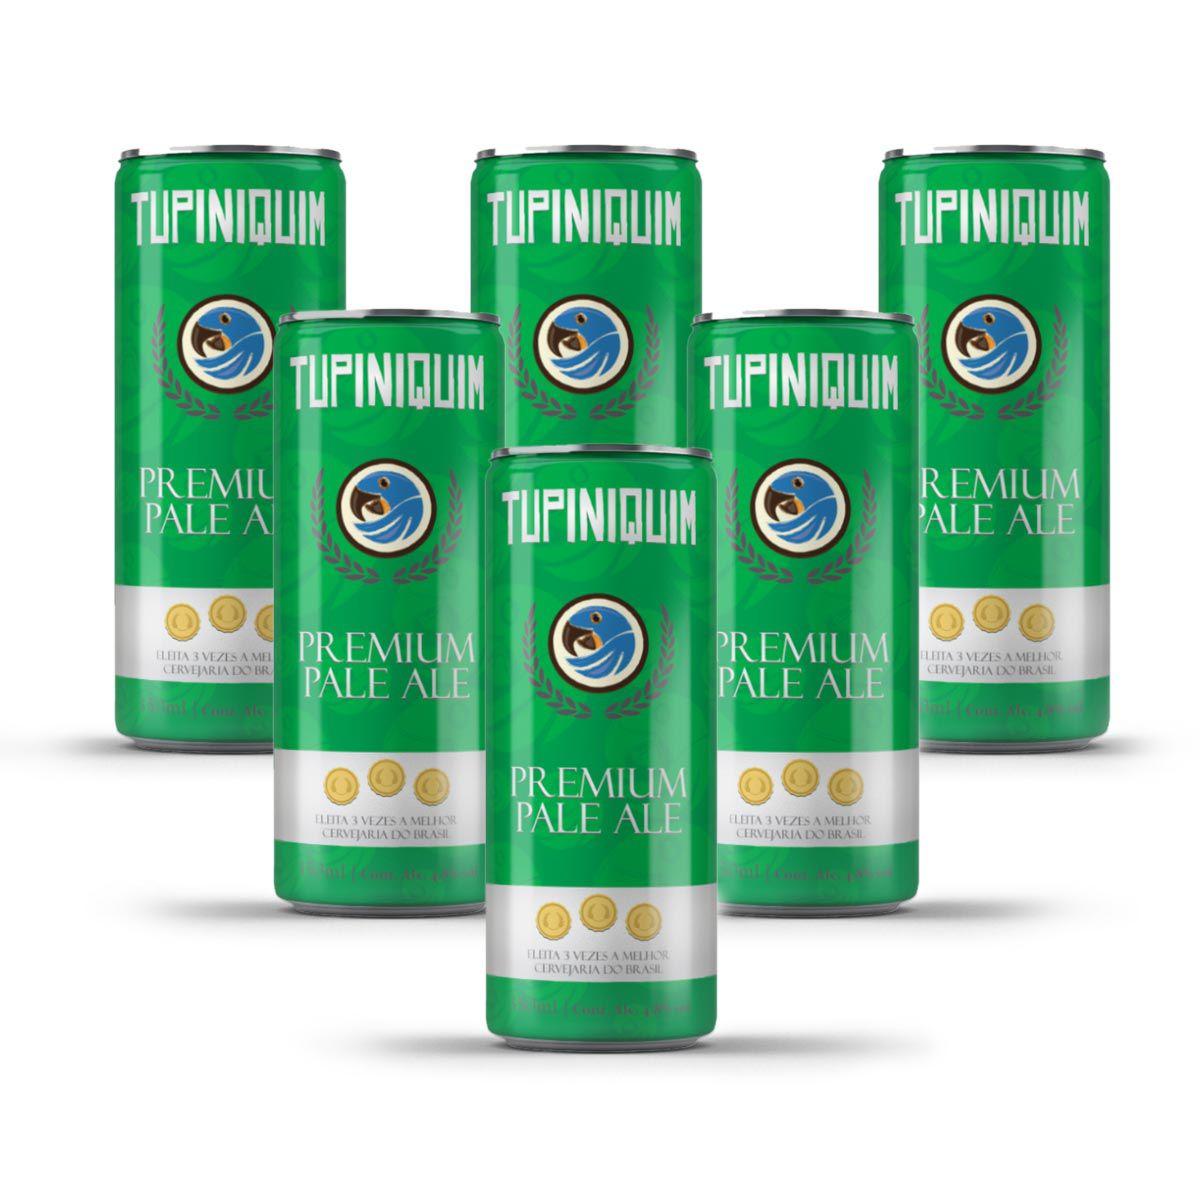 Pack Tupiniquim Premium Pale Ale 6 cervejas 350ml